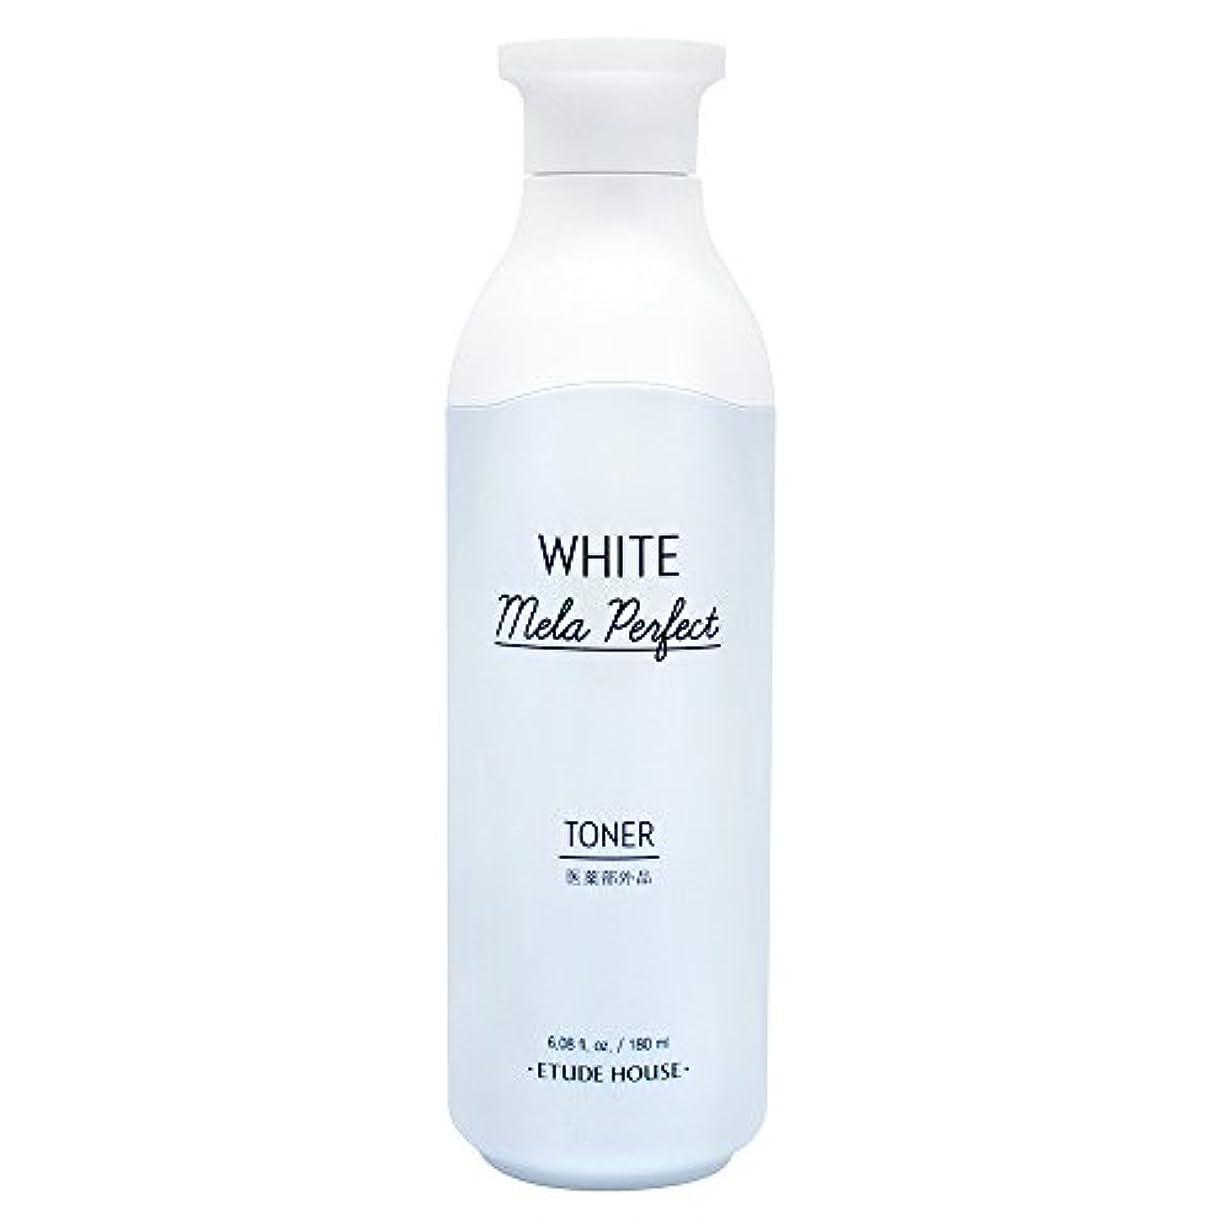 ロードハウス大気送金エチュードハウス(ETUDE HOUSE) ホワイトメラパーフェクト トナー[化粧水、美白化粧水]